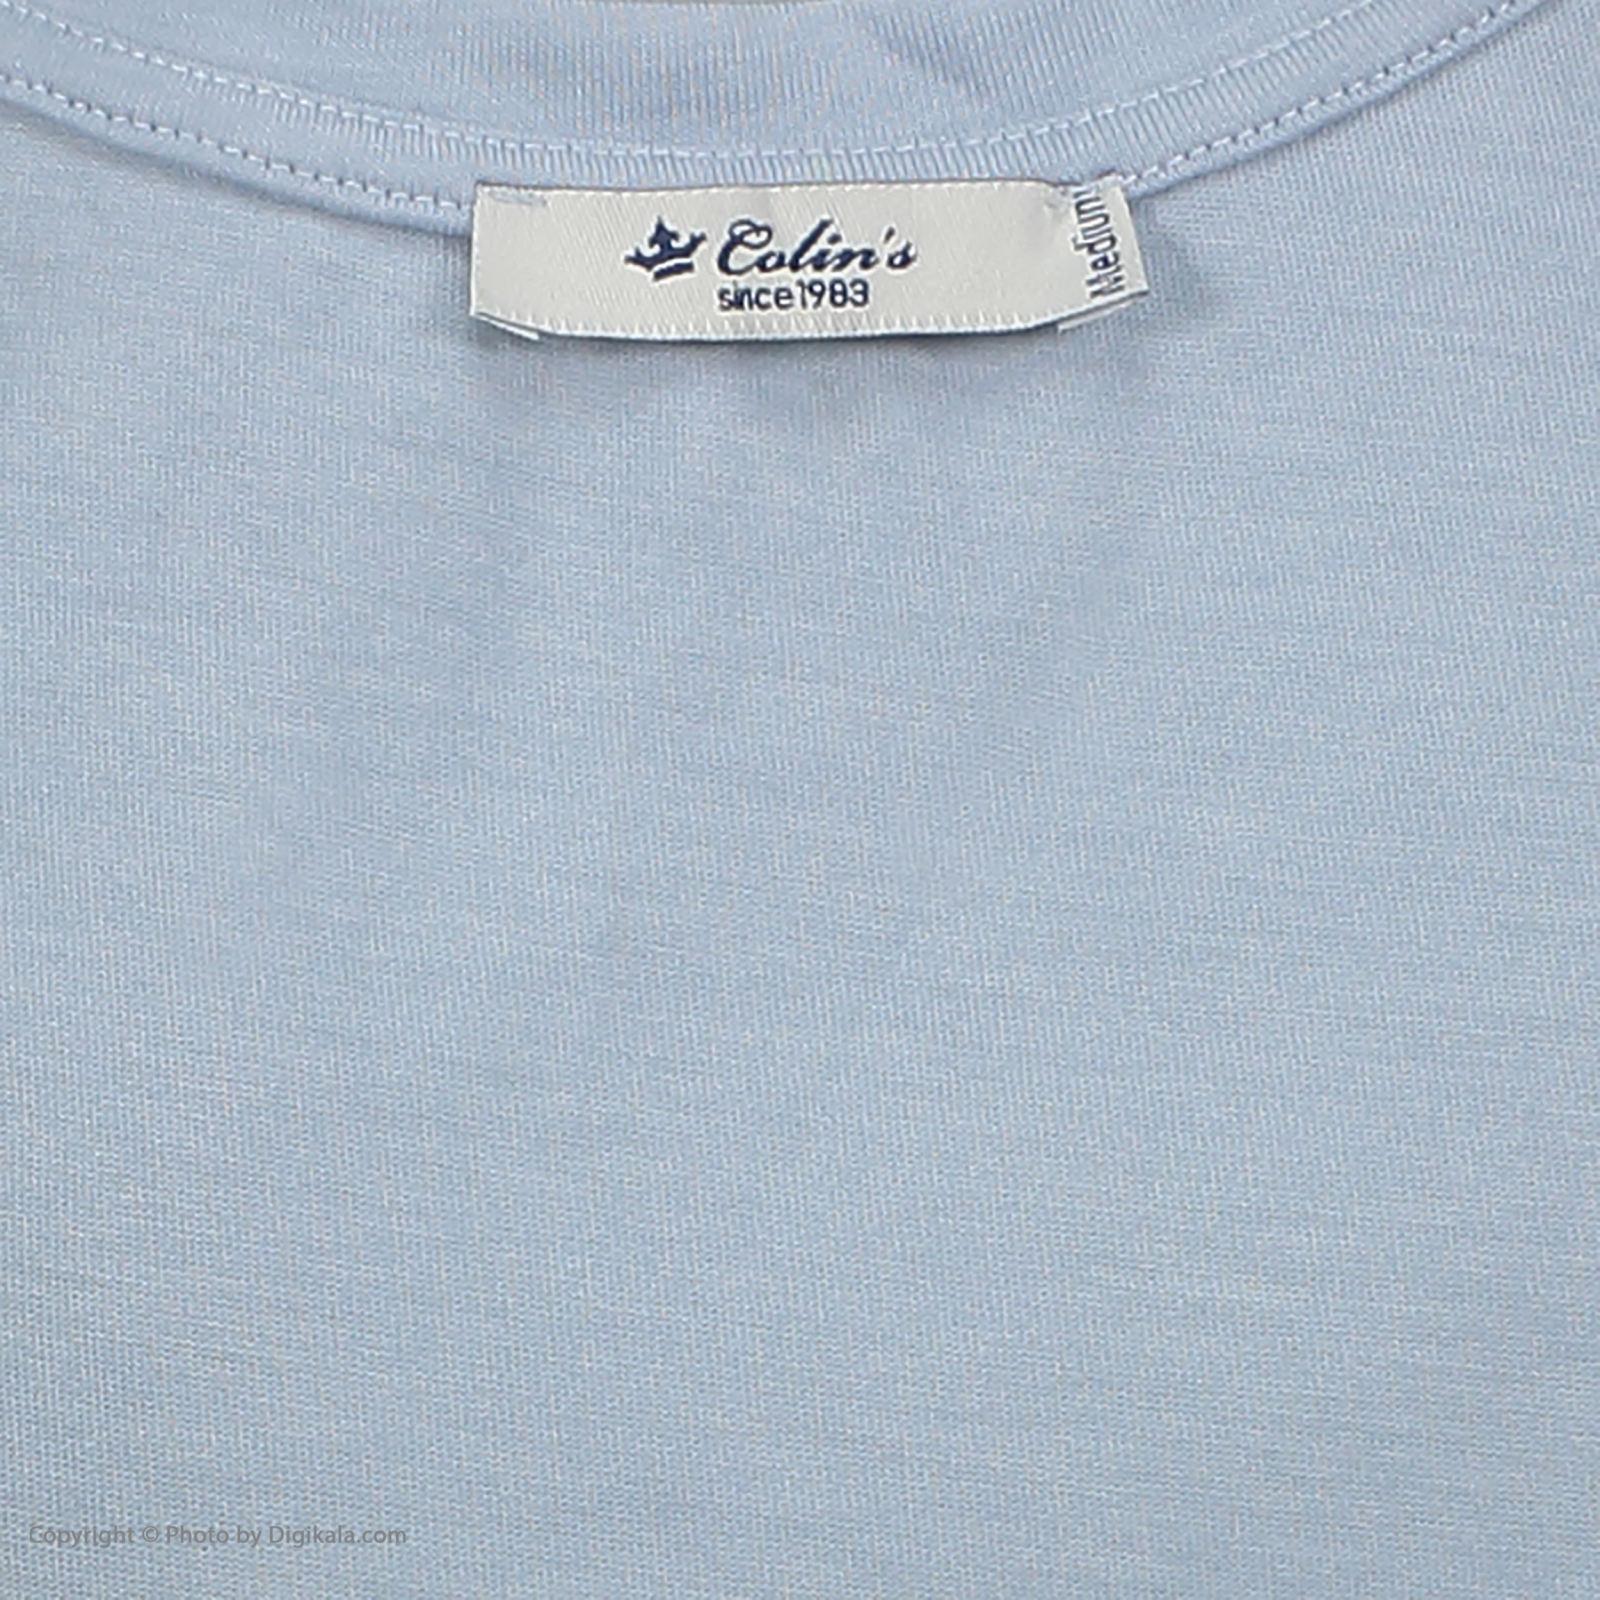 تی شرت زنانه کالینز مدل CL1032901-BLE main 1 5